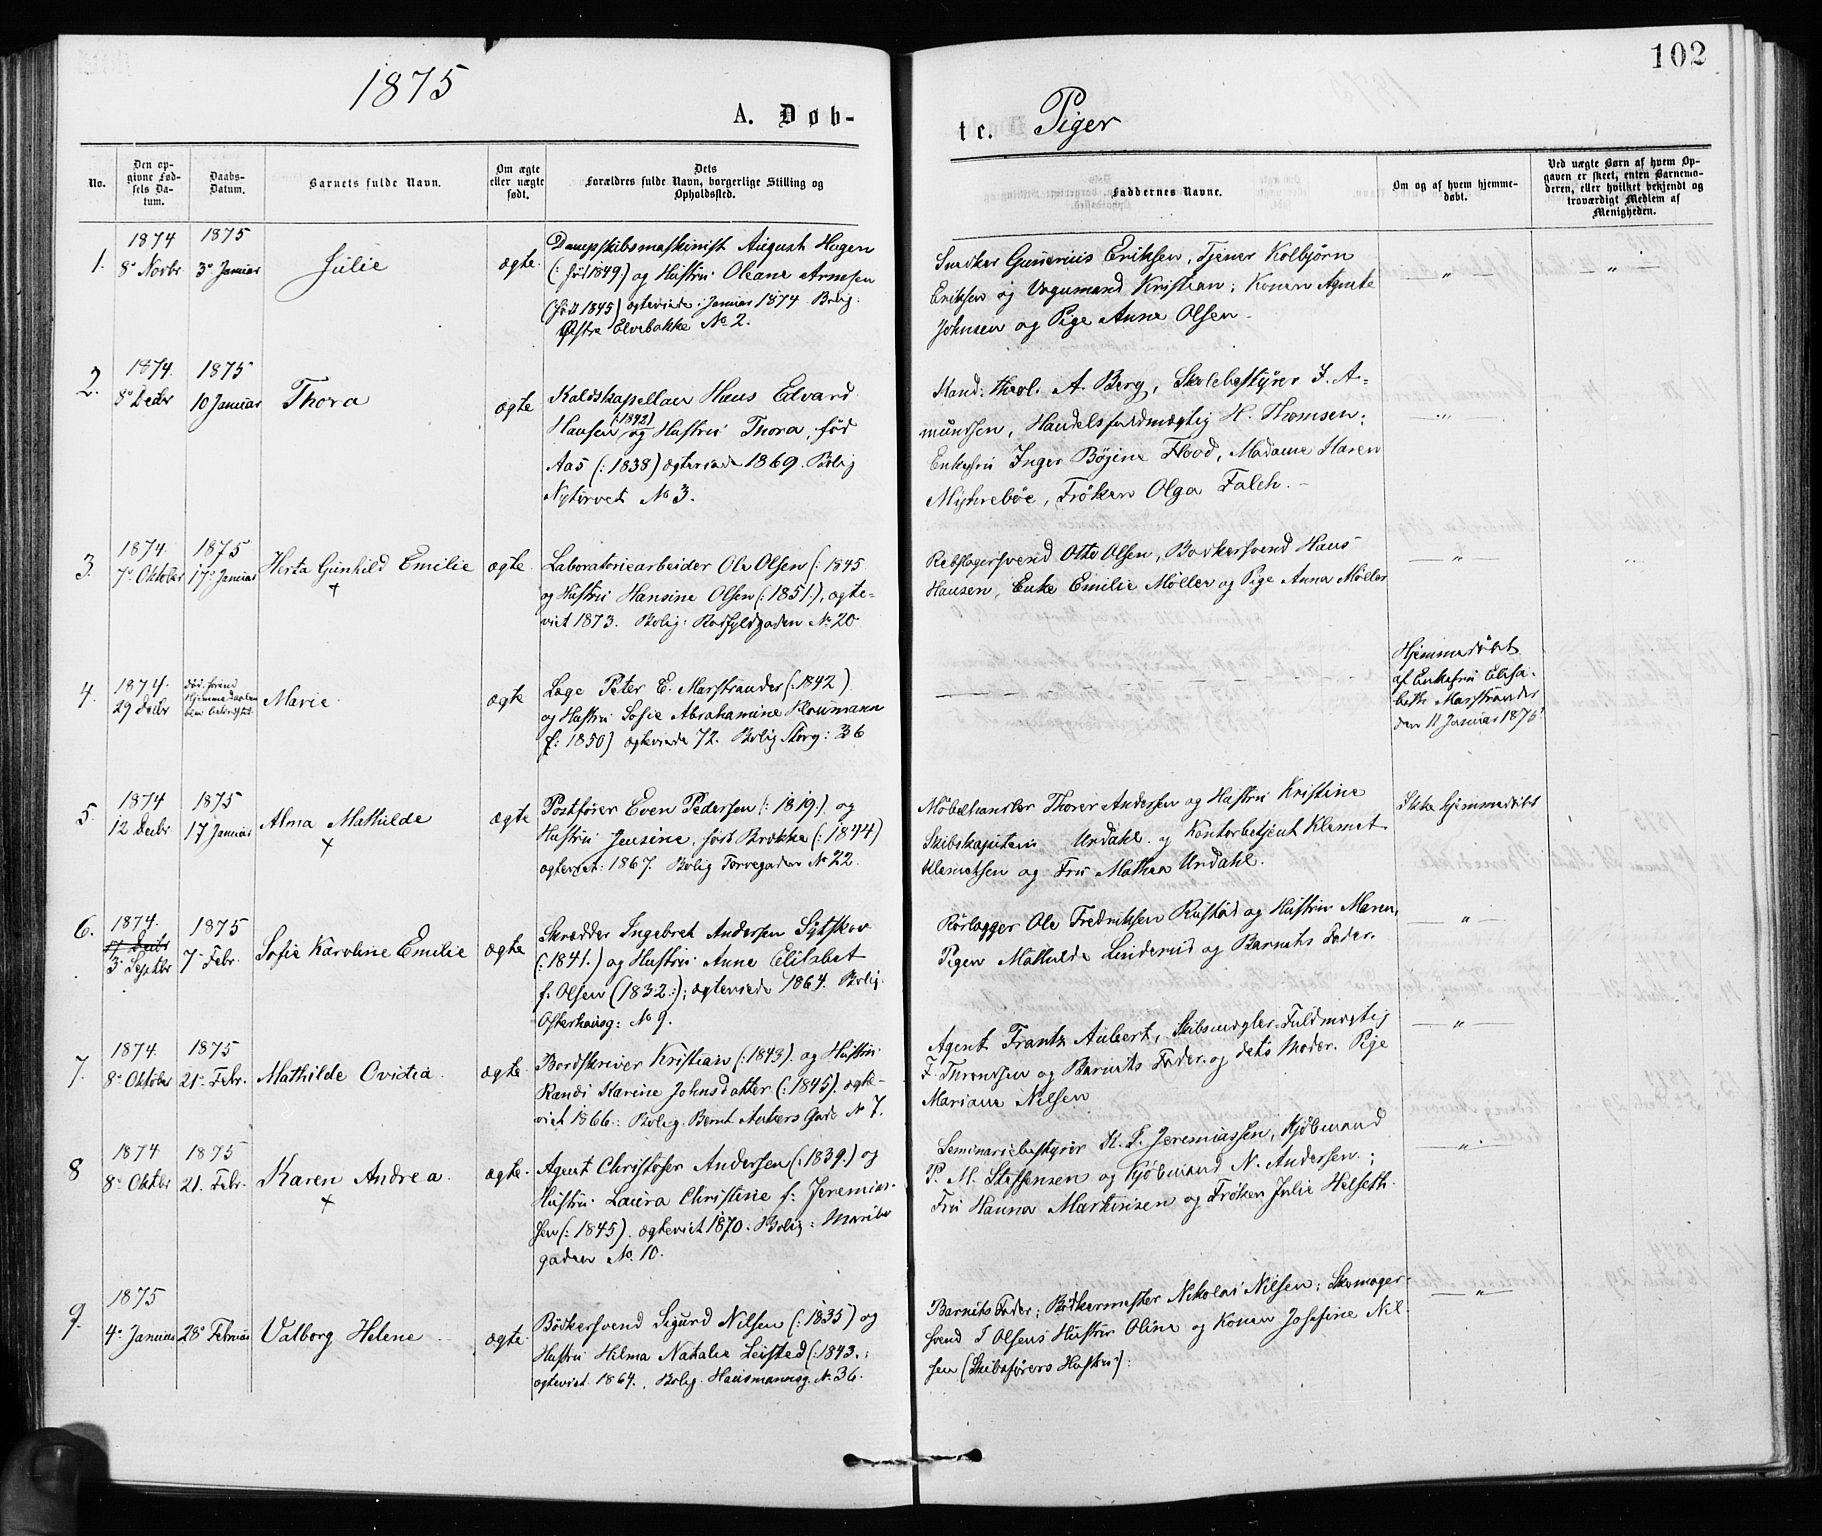 SAO, Jakob prestekontor Kirkebøker, F/Fa/L0001: Ministerialbok nr. 1, 1875-1924, s. 102